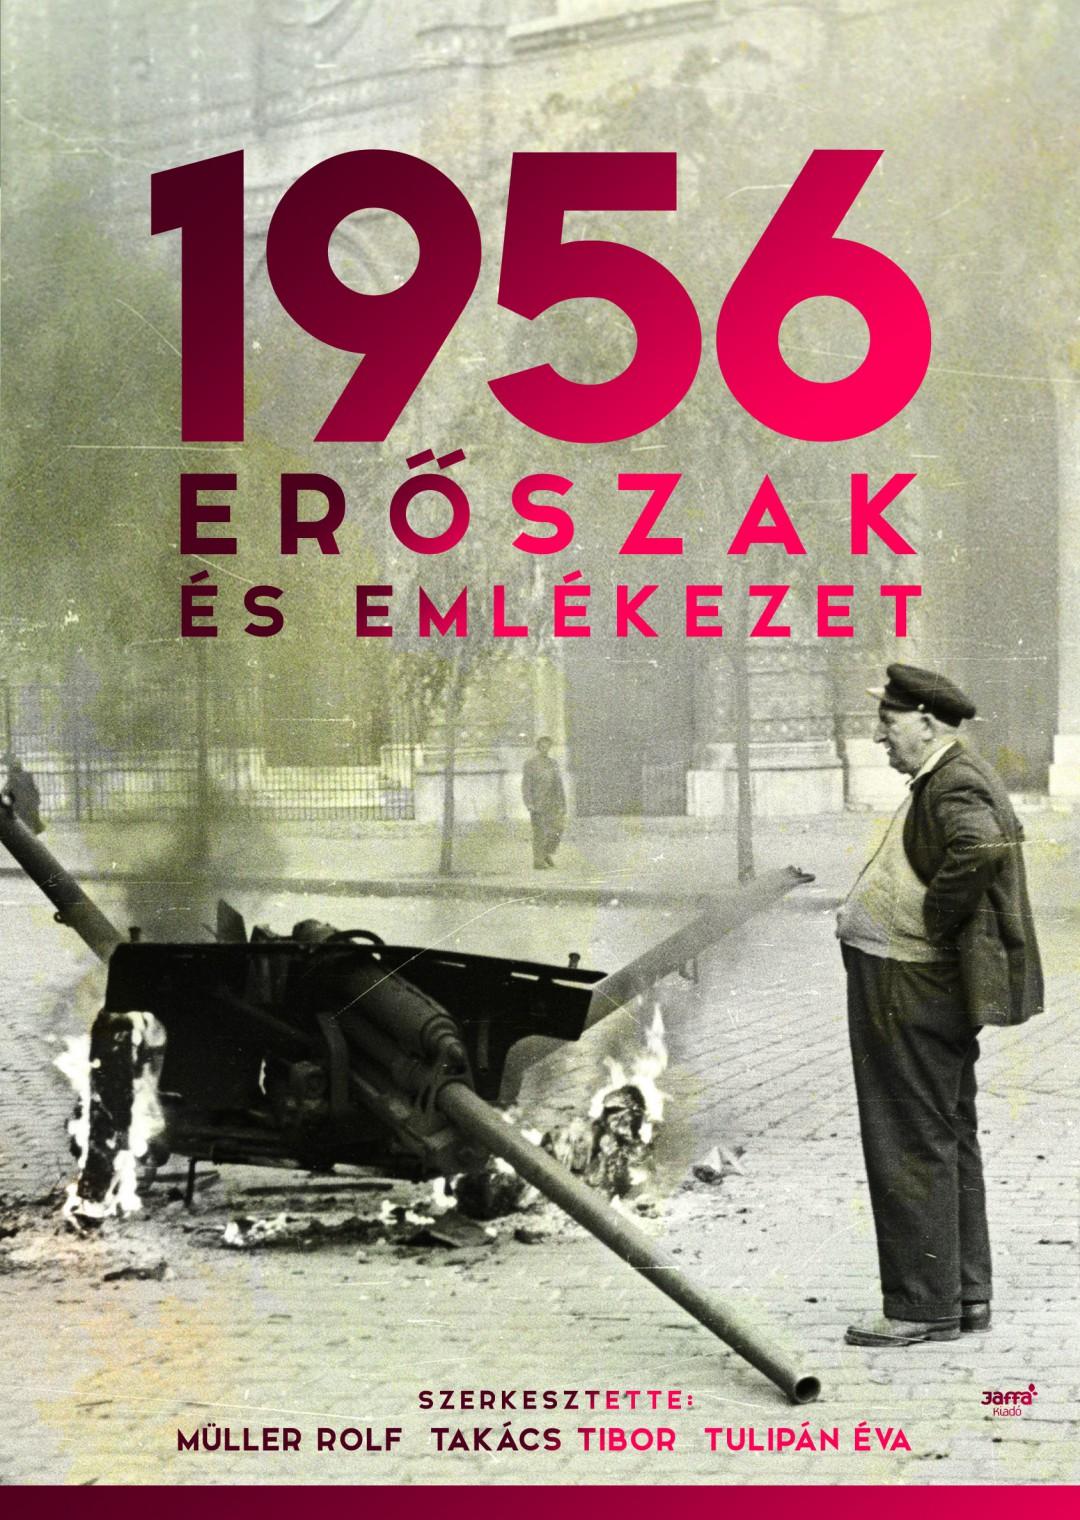 1956 Erőszak és emlékezet